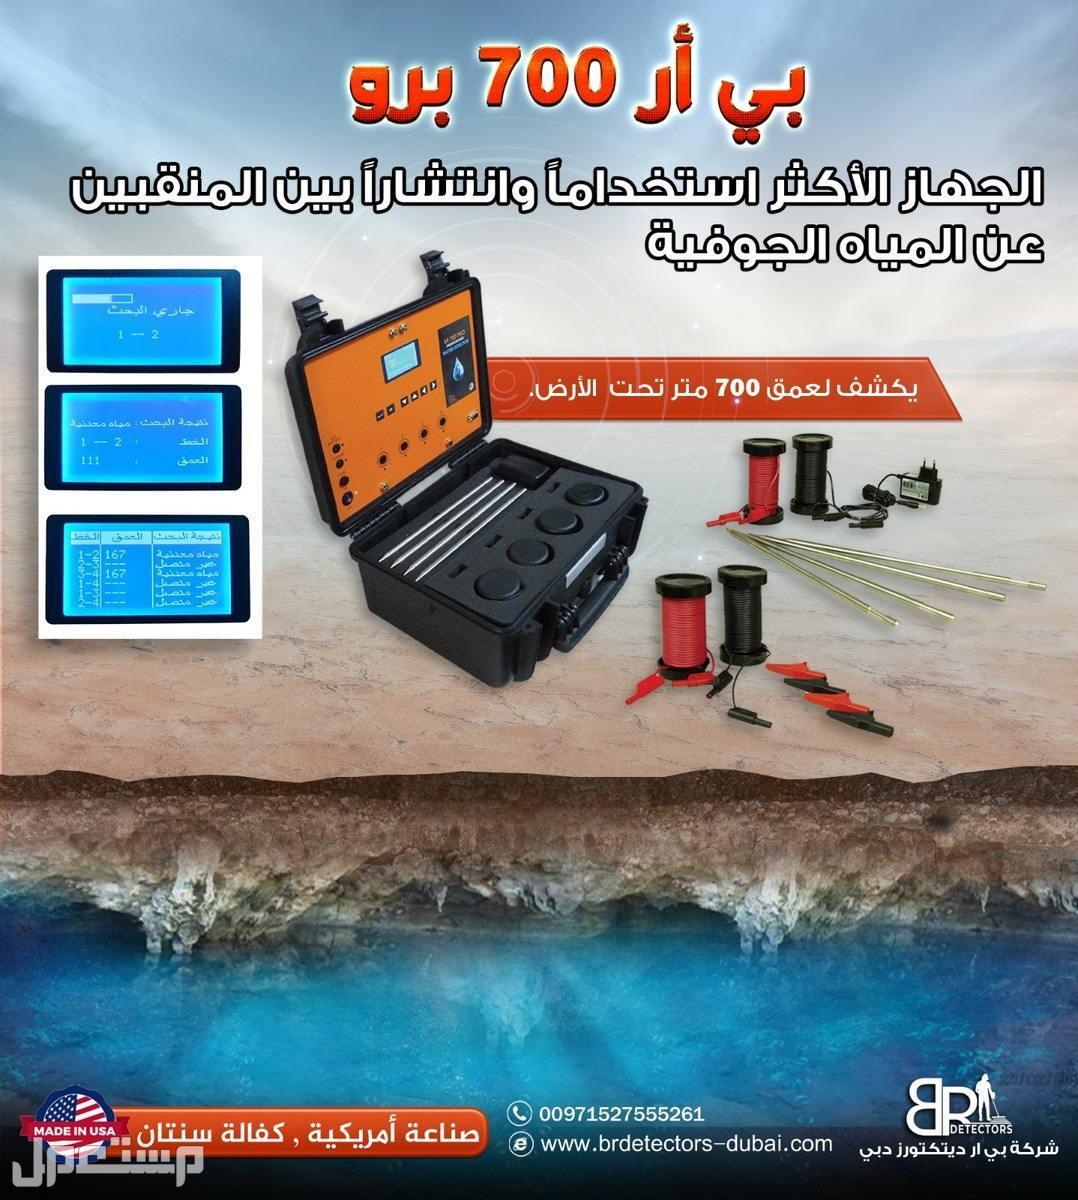 اقوى اجهزة التنقيب عن المياه الجوفية تحت الارض (بي ار 700 برو) اقوى اجهزة التنقيب عن المياه الجوفية تحت الارض (بي ار 700 برو)